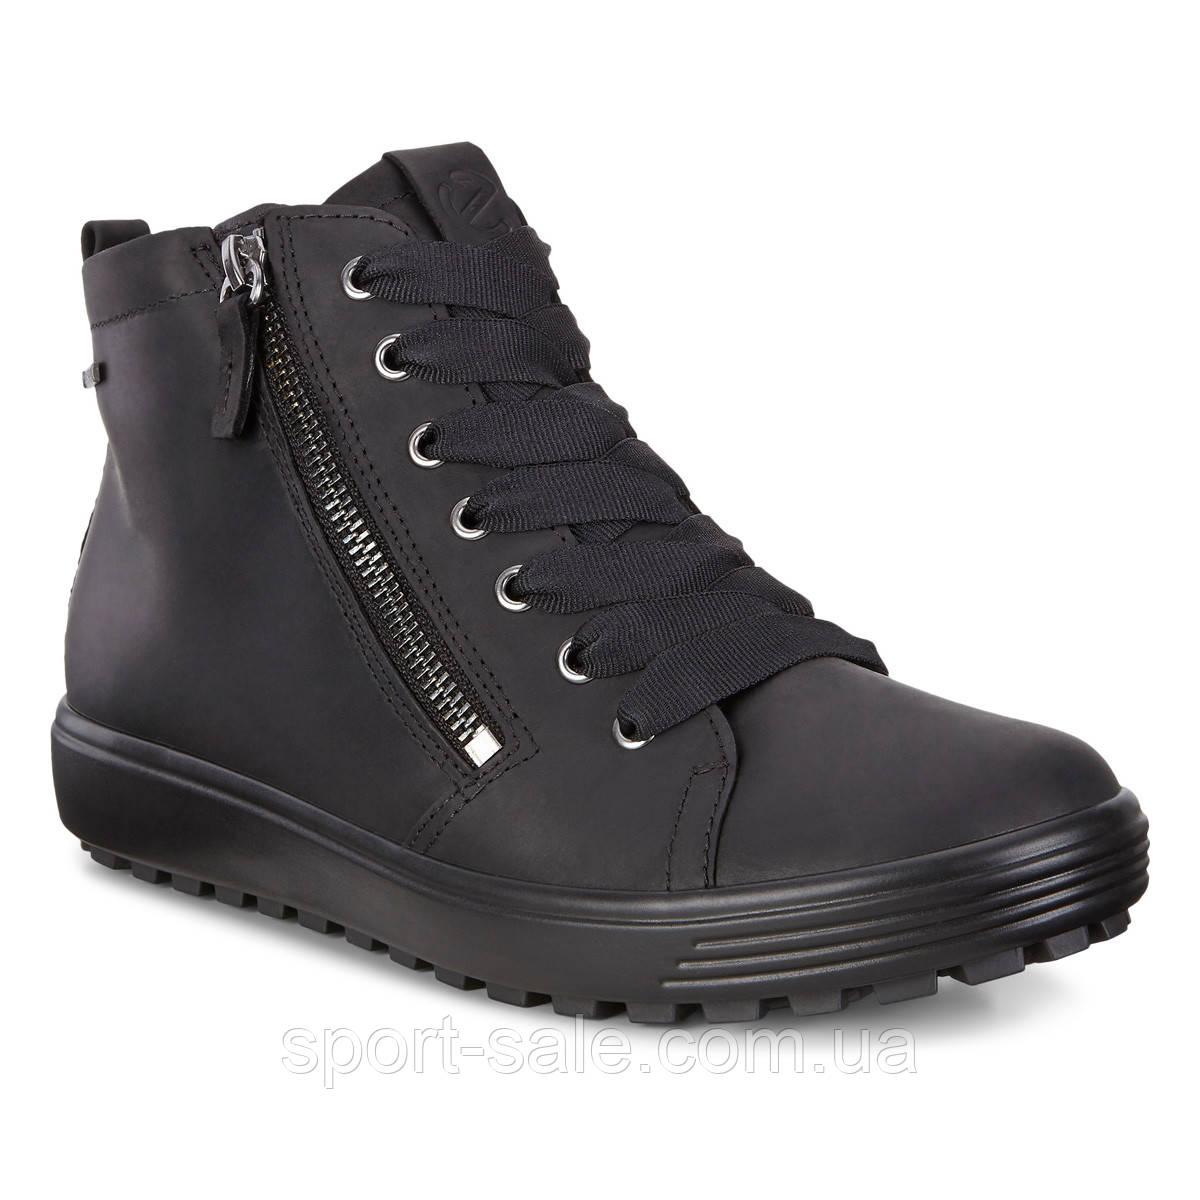 616764c46 Ботинки Ecco Soft 7 450163-02001 купить в Украине - интернет-магазин ...